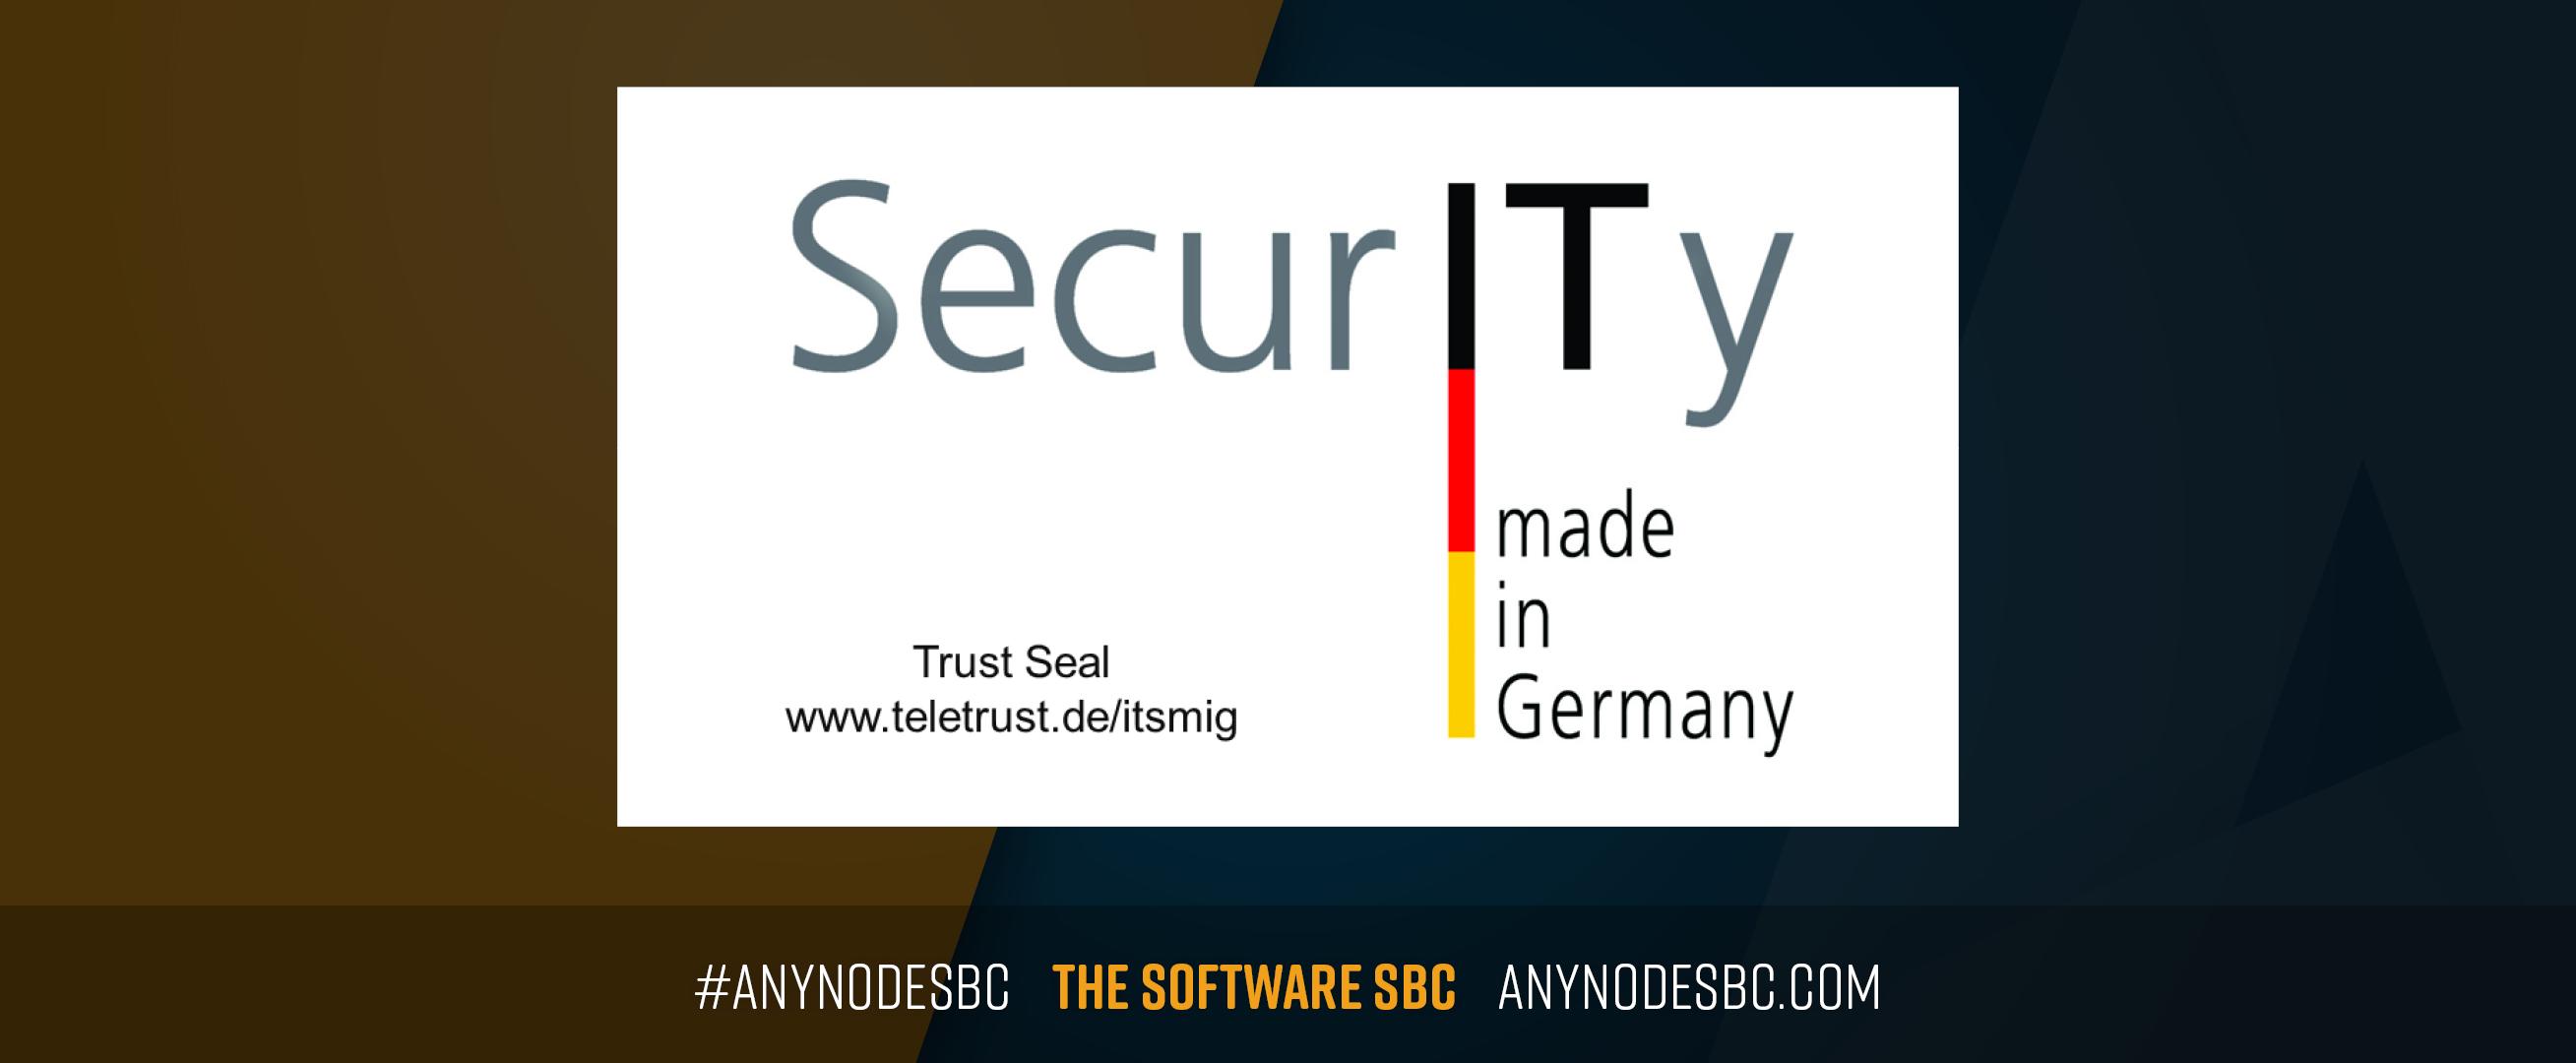 """TE-SYSTEMS mit dem Qualitätssiegel """"IT Security made in Germany"""" ausgezeichnet"""